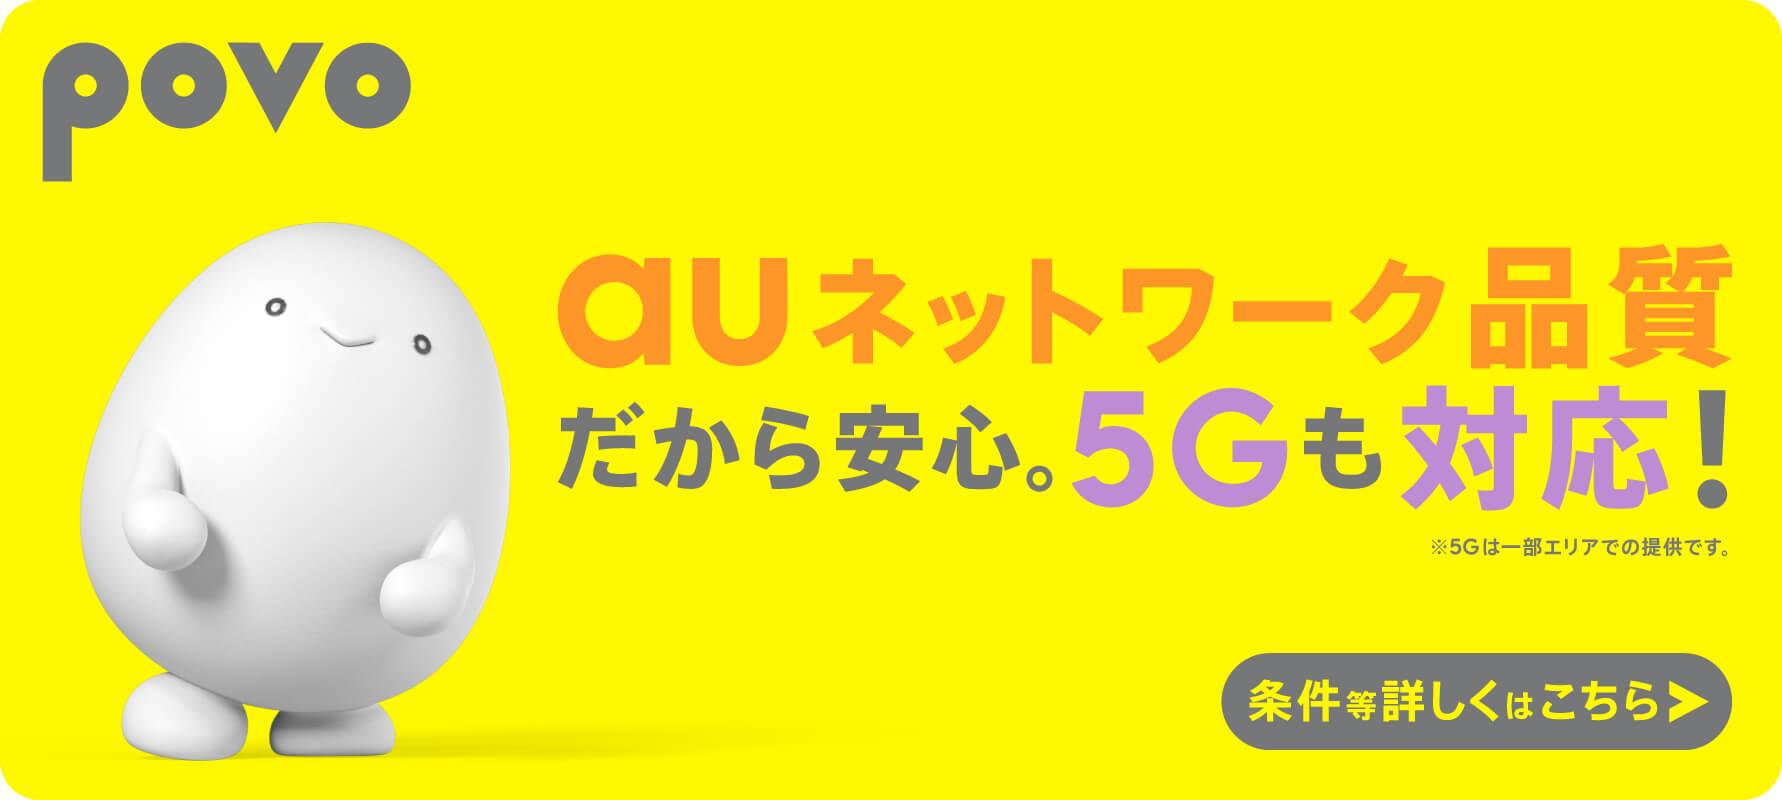 auネットワーク品質だから安心。5Gも対応 !